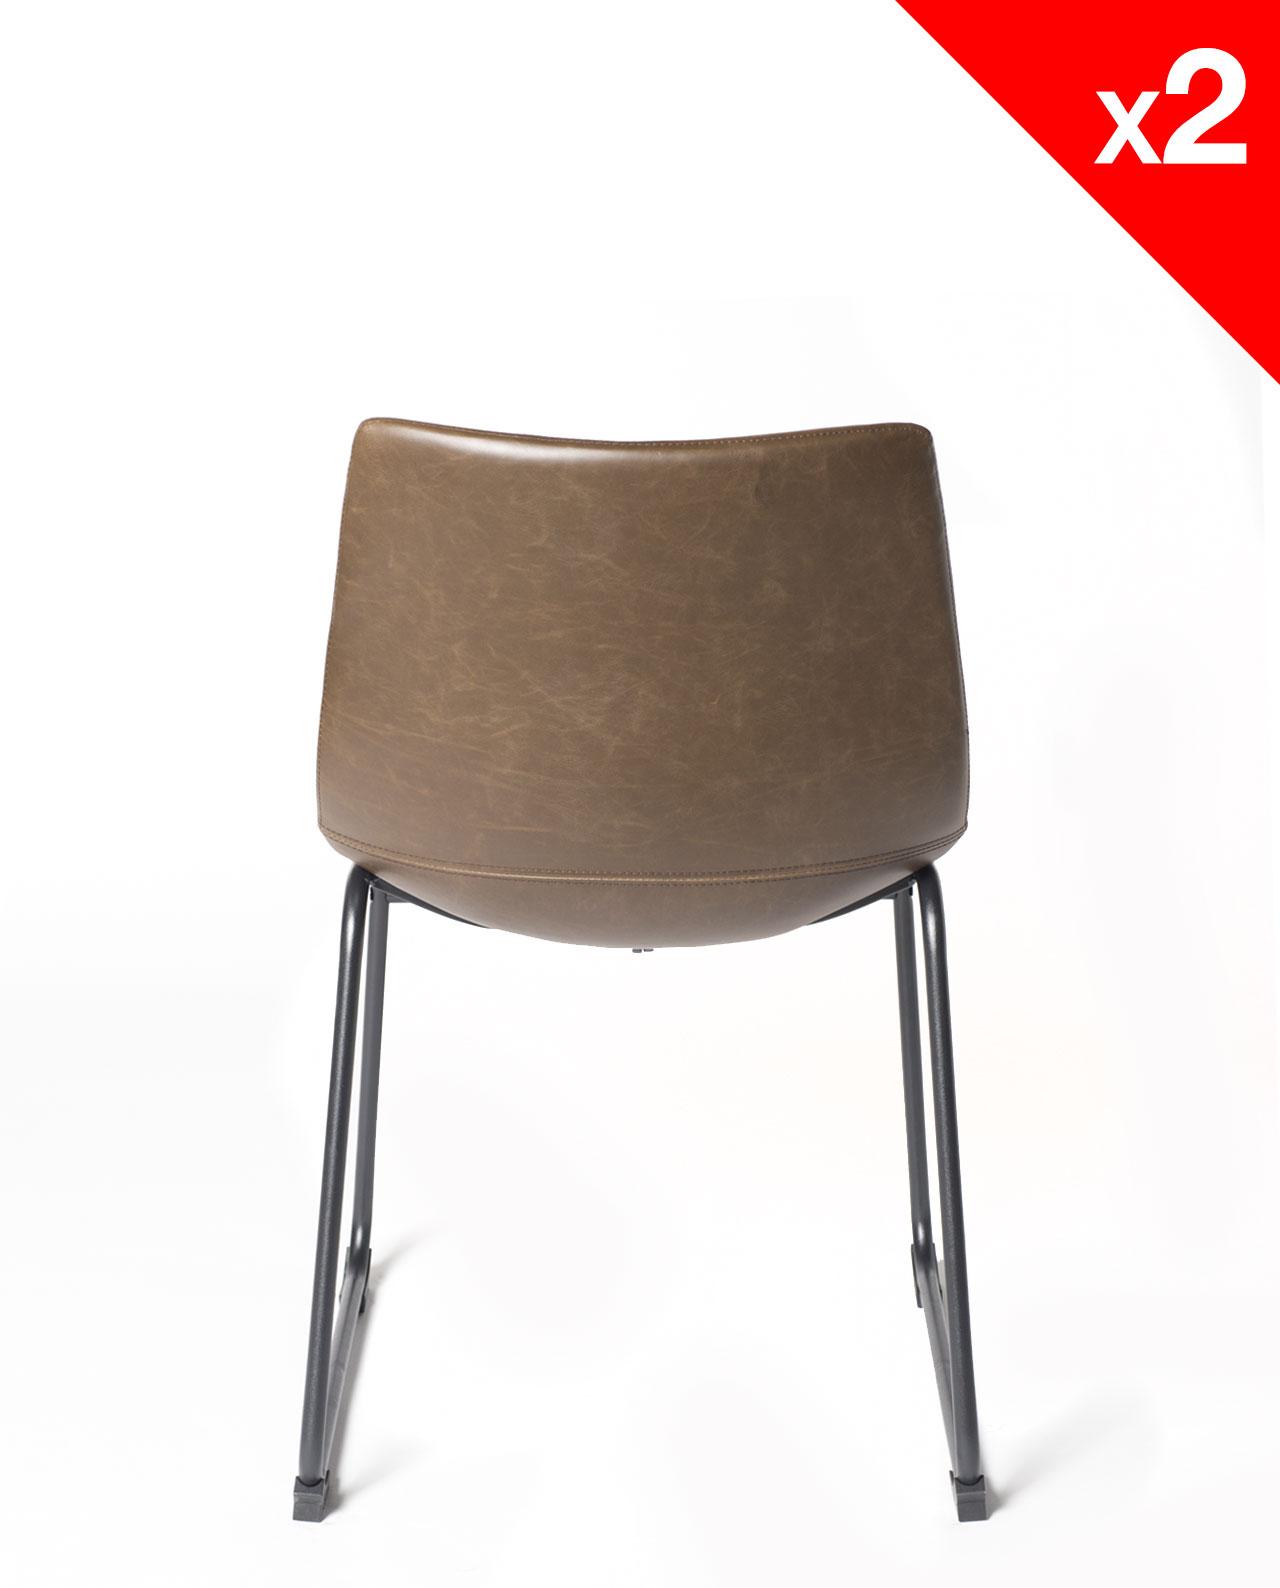 Lot de 2 chaises industrielles vintage   HELIO47 - Kayelles.com